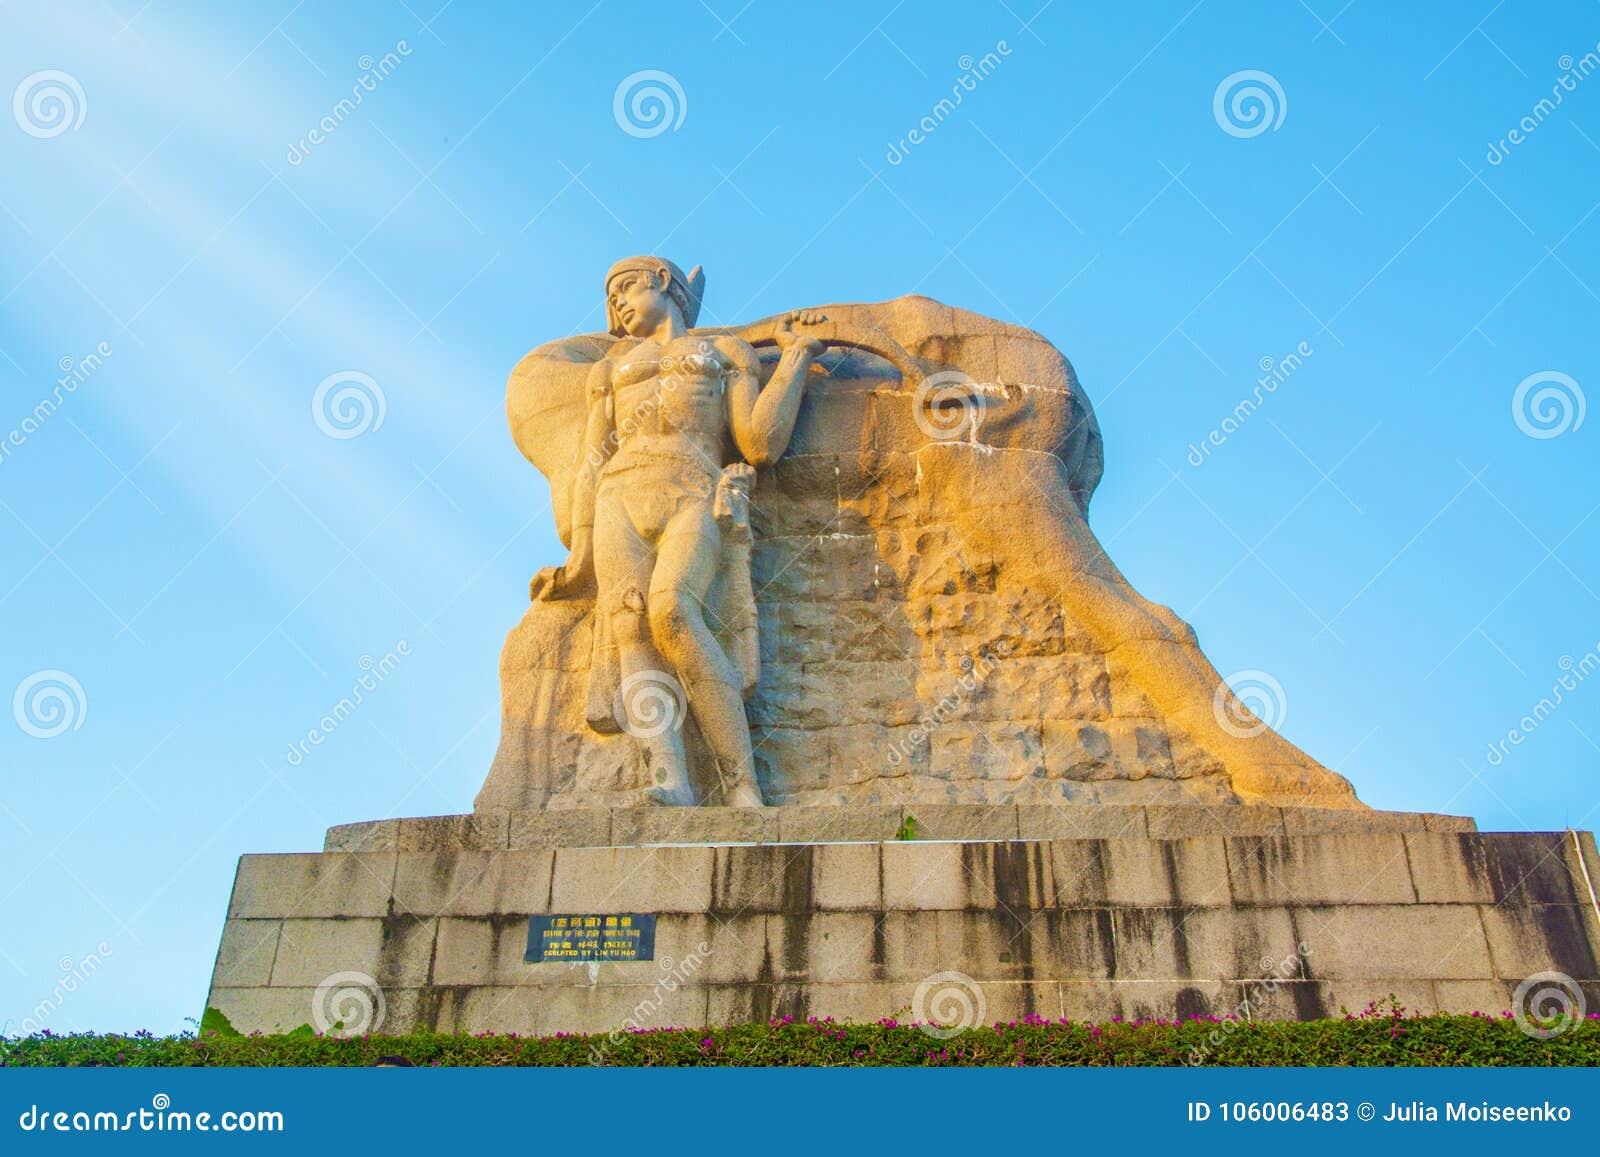 Parkera på ett högt berg i Kina, hjort vände hans huvud hög staty av en flicka med en pojkvän en nationell legend